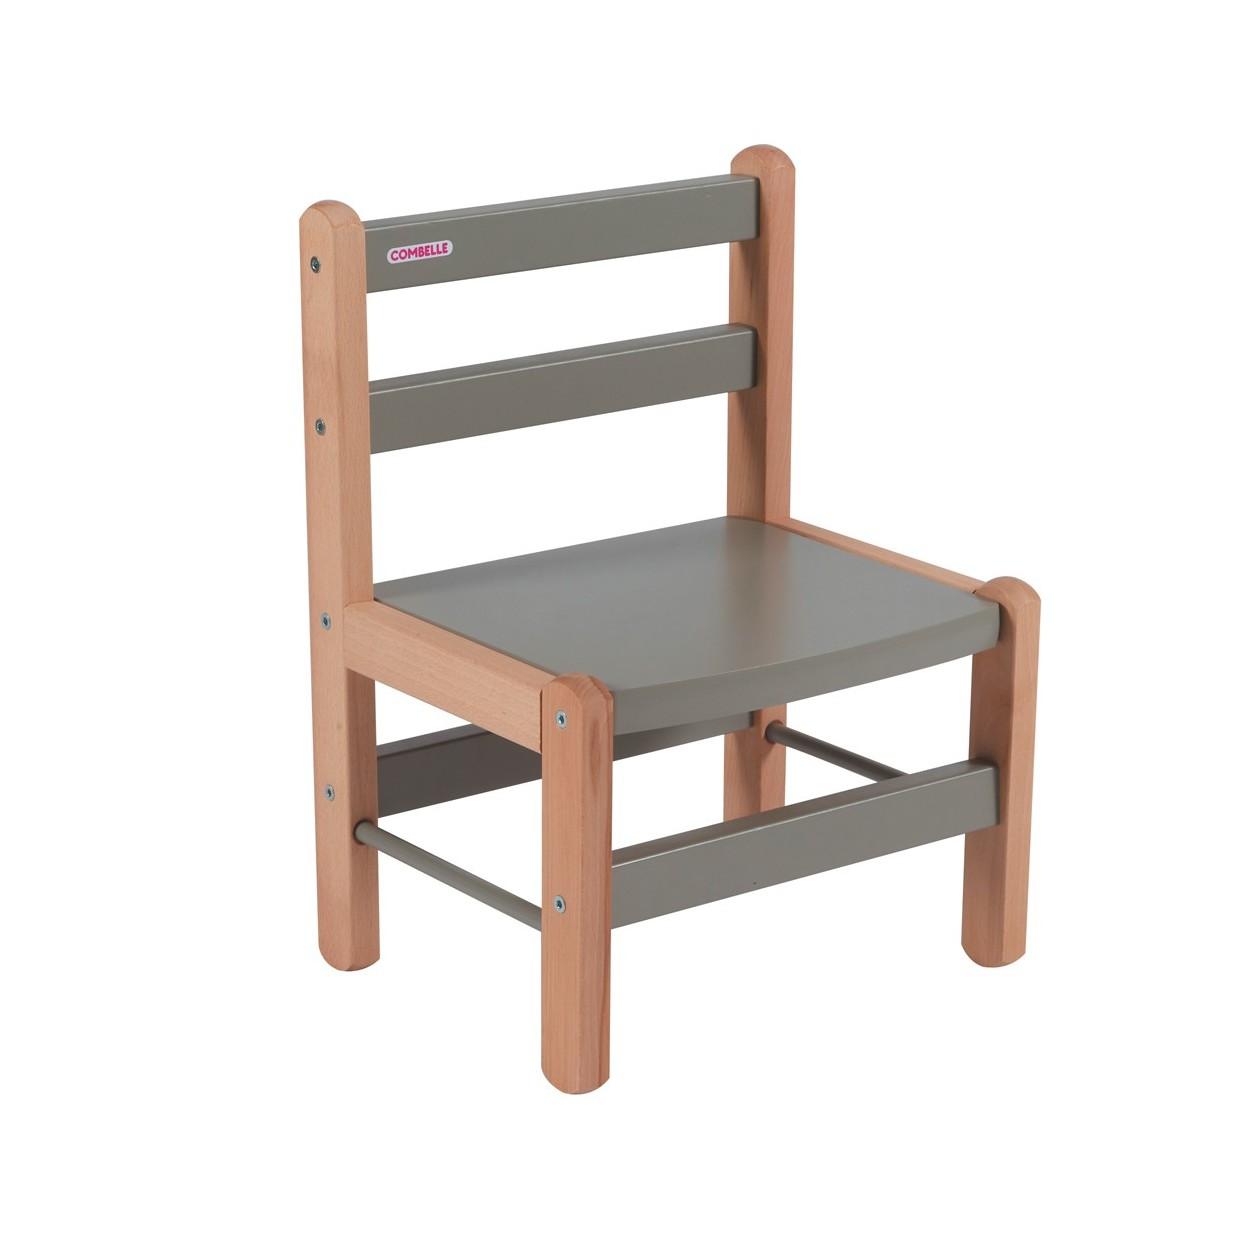 Chaise enfant bicolore gris - 33x46x27 cm